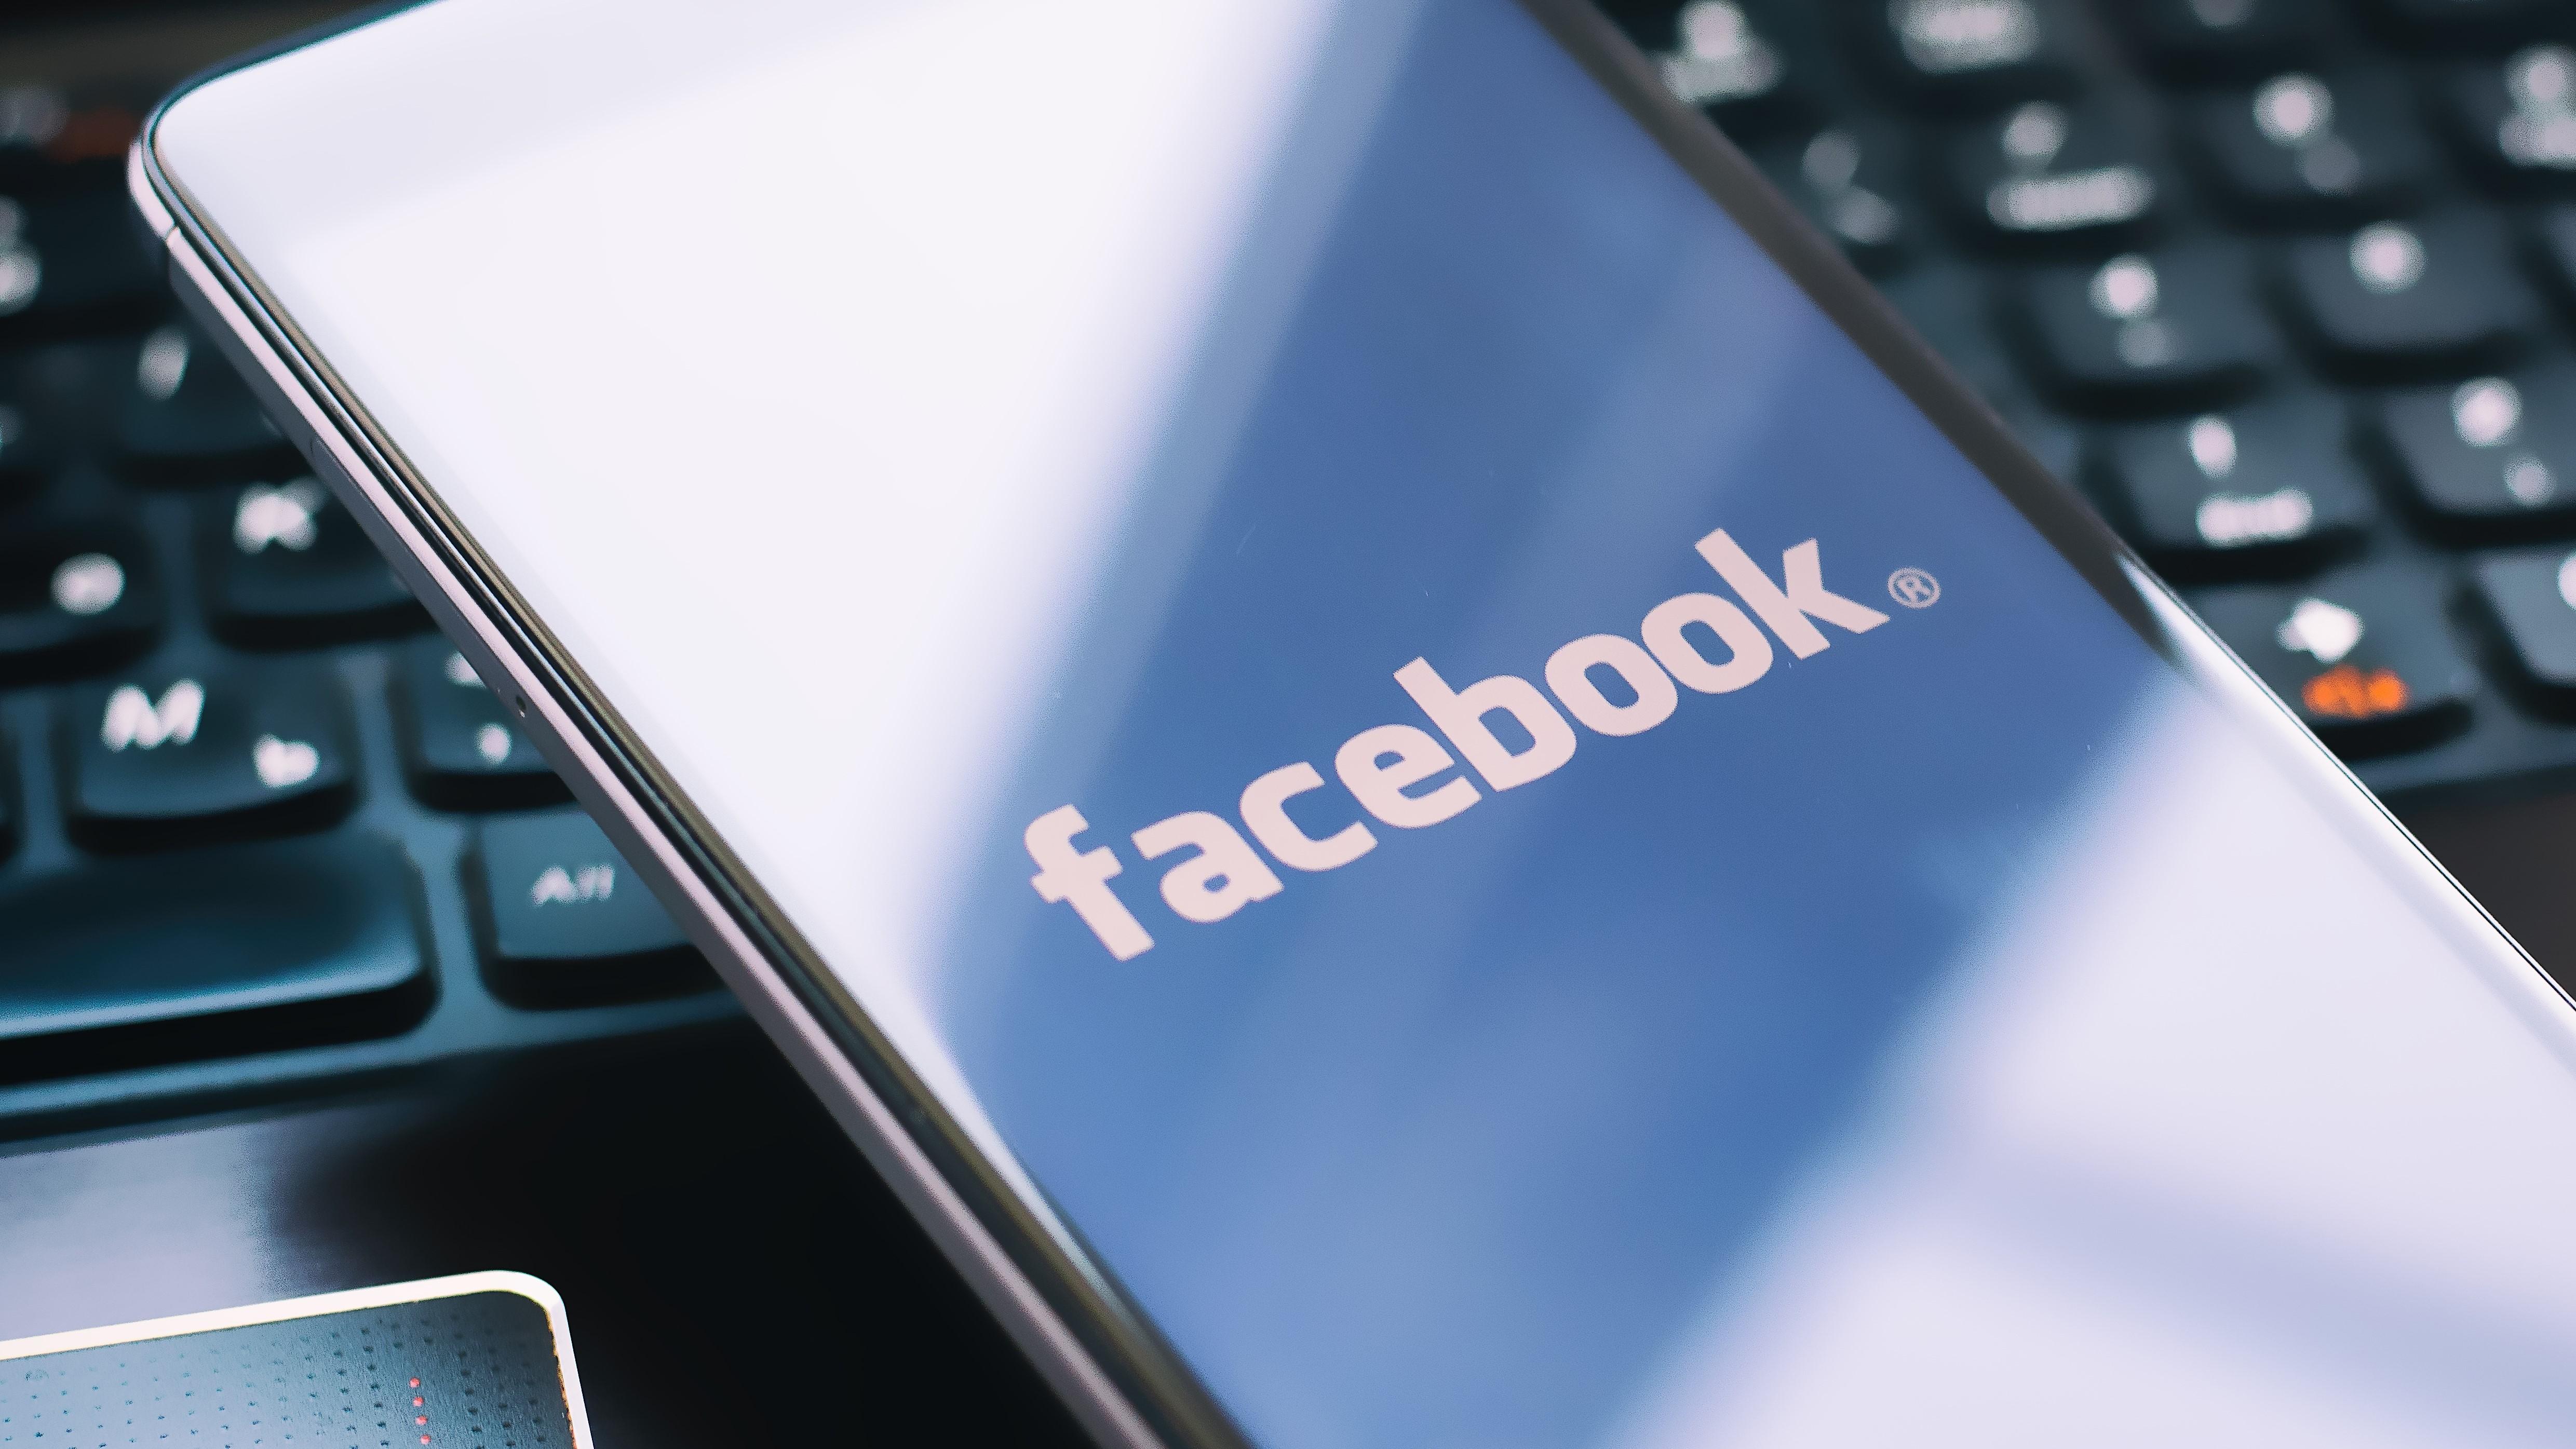 Facebook is struggling to keep running under 'unprecedented' demand